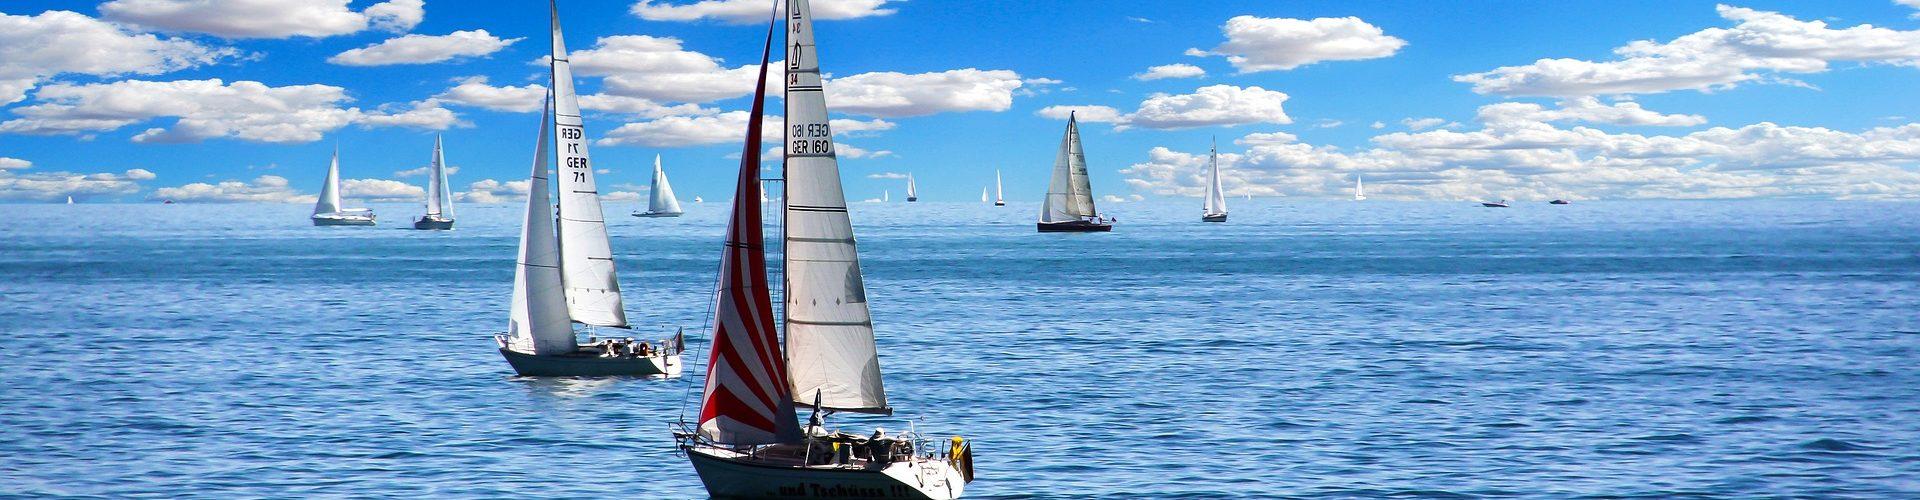 segeln lernen in Wendelstein segelschein machen in Wendelstein 1920x500 - Segeln lernen in Wendelstein